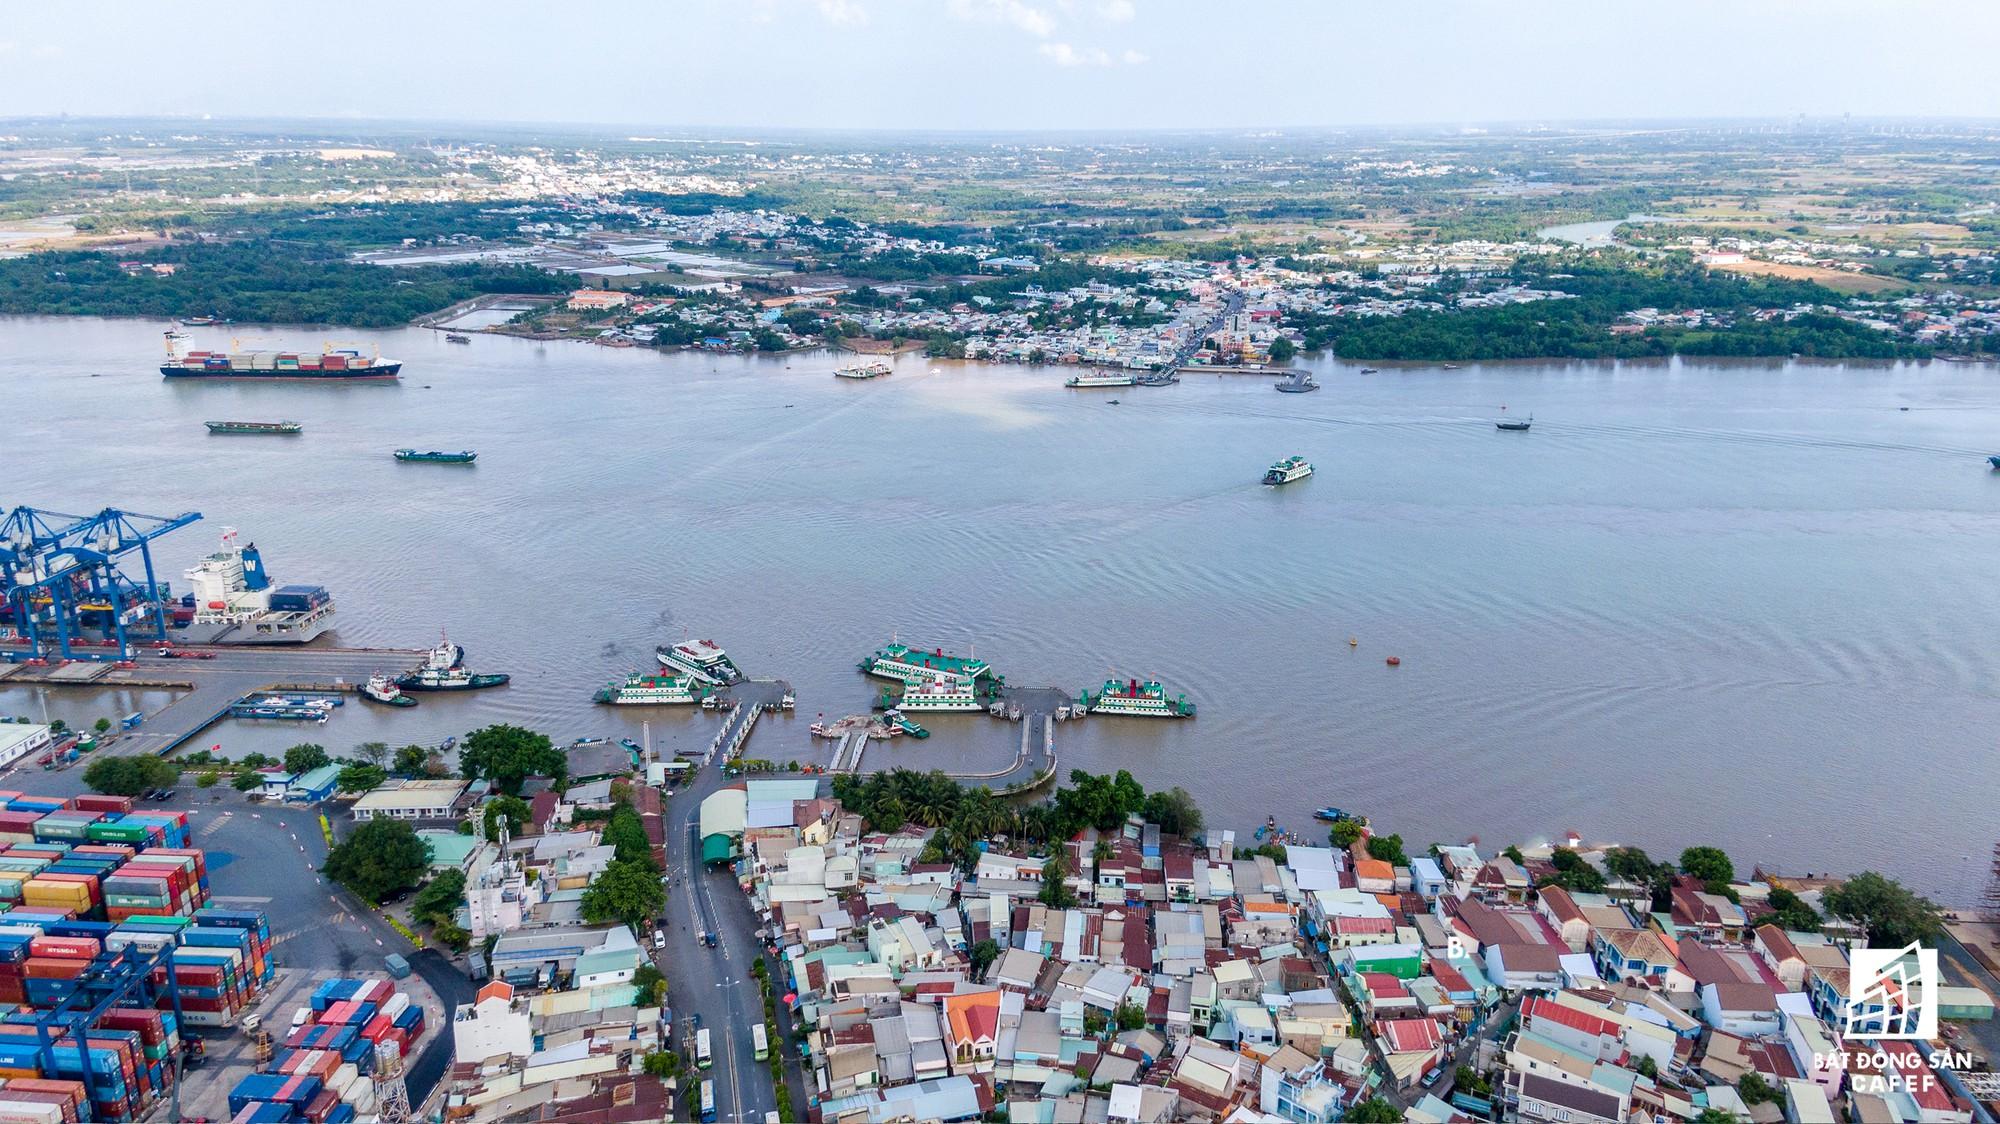 Diện mạo hai bờ sông Sài Gòn tương lai nhìn từ loạt siêu dự án tỷ đô, khu vực trung tâm giá nhà lên hơn 1 tỷ đồng/m2 - Ảnh 28.